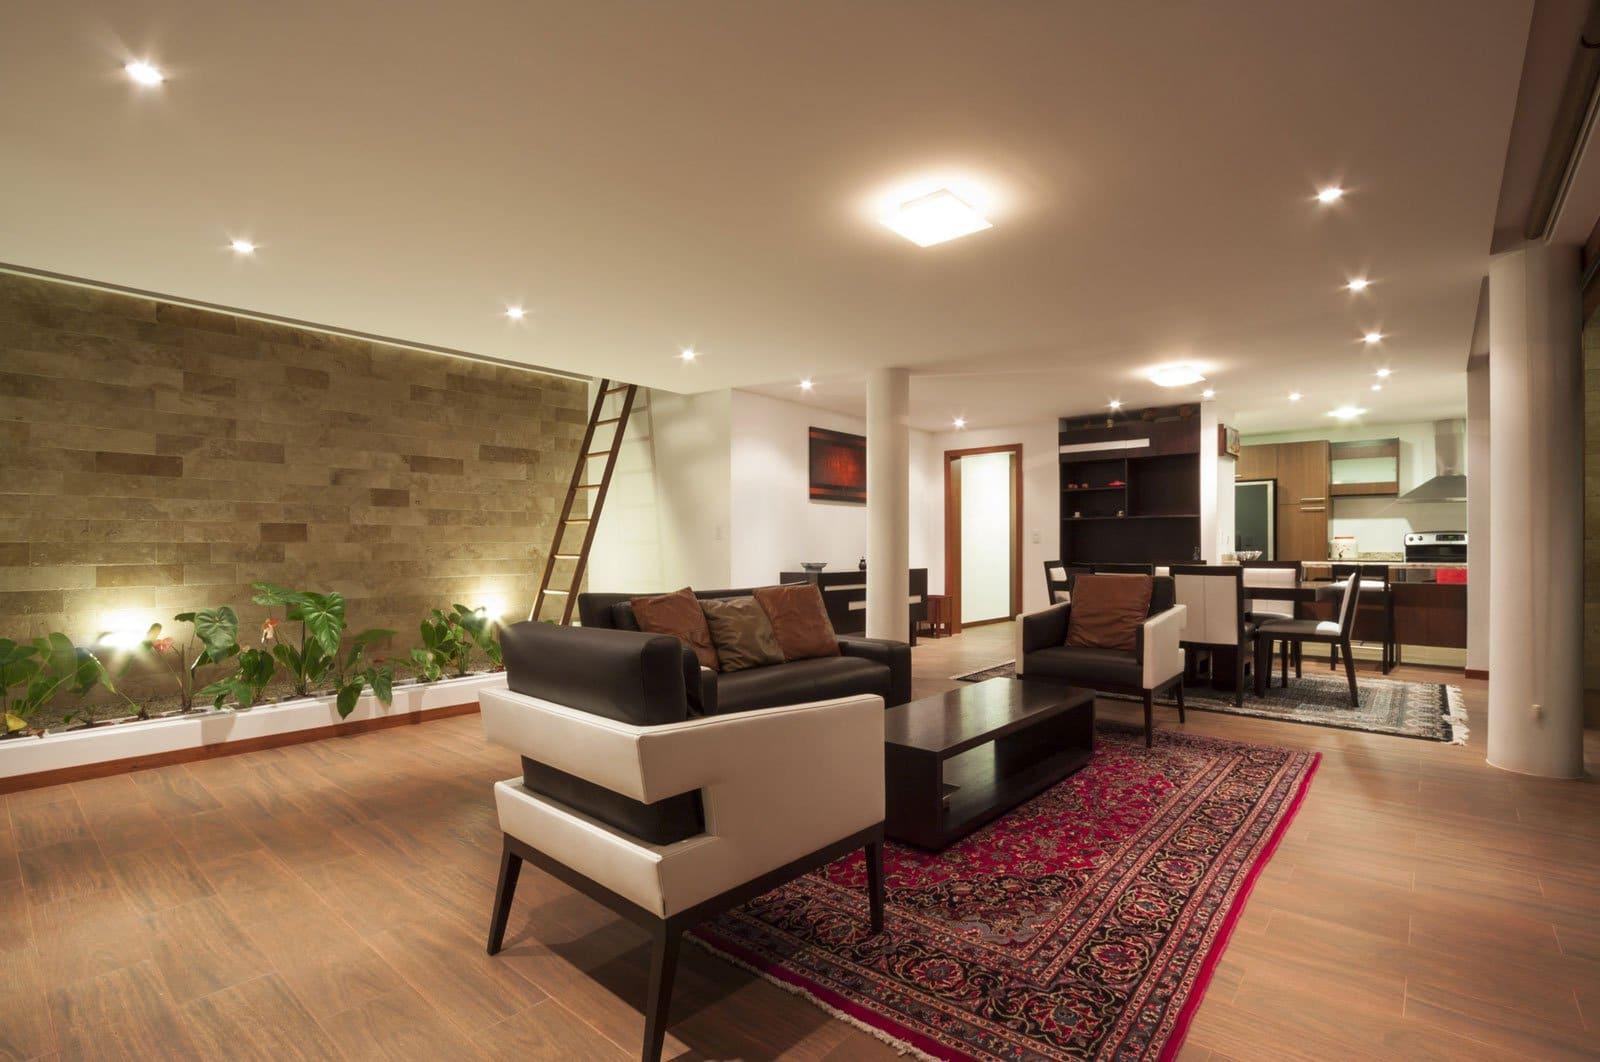 Casa una planta moderna con techo verde on Interiores De Casas Modernas  id=64576